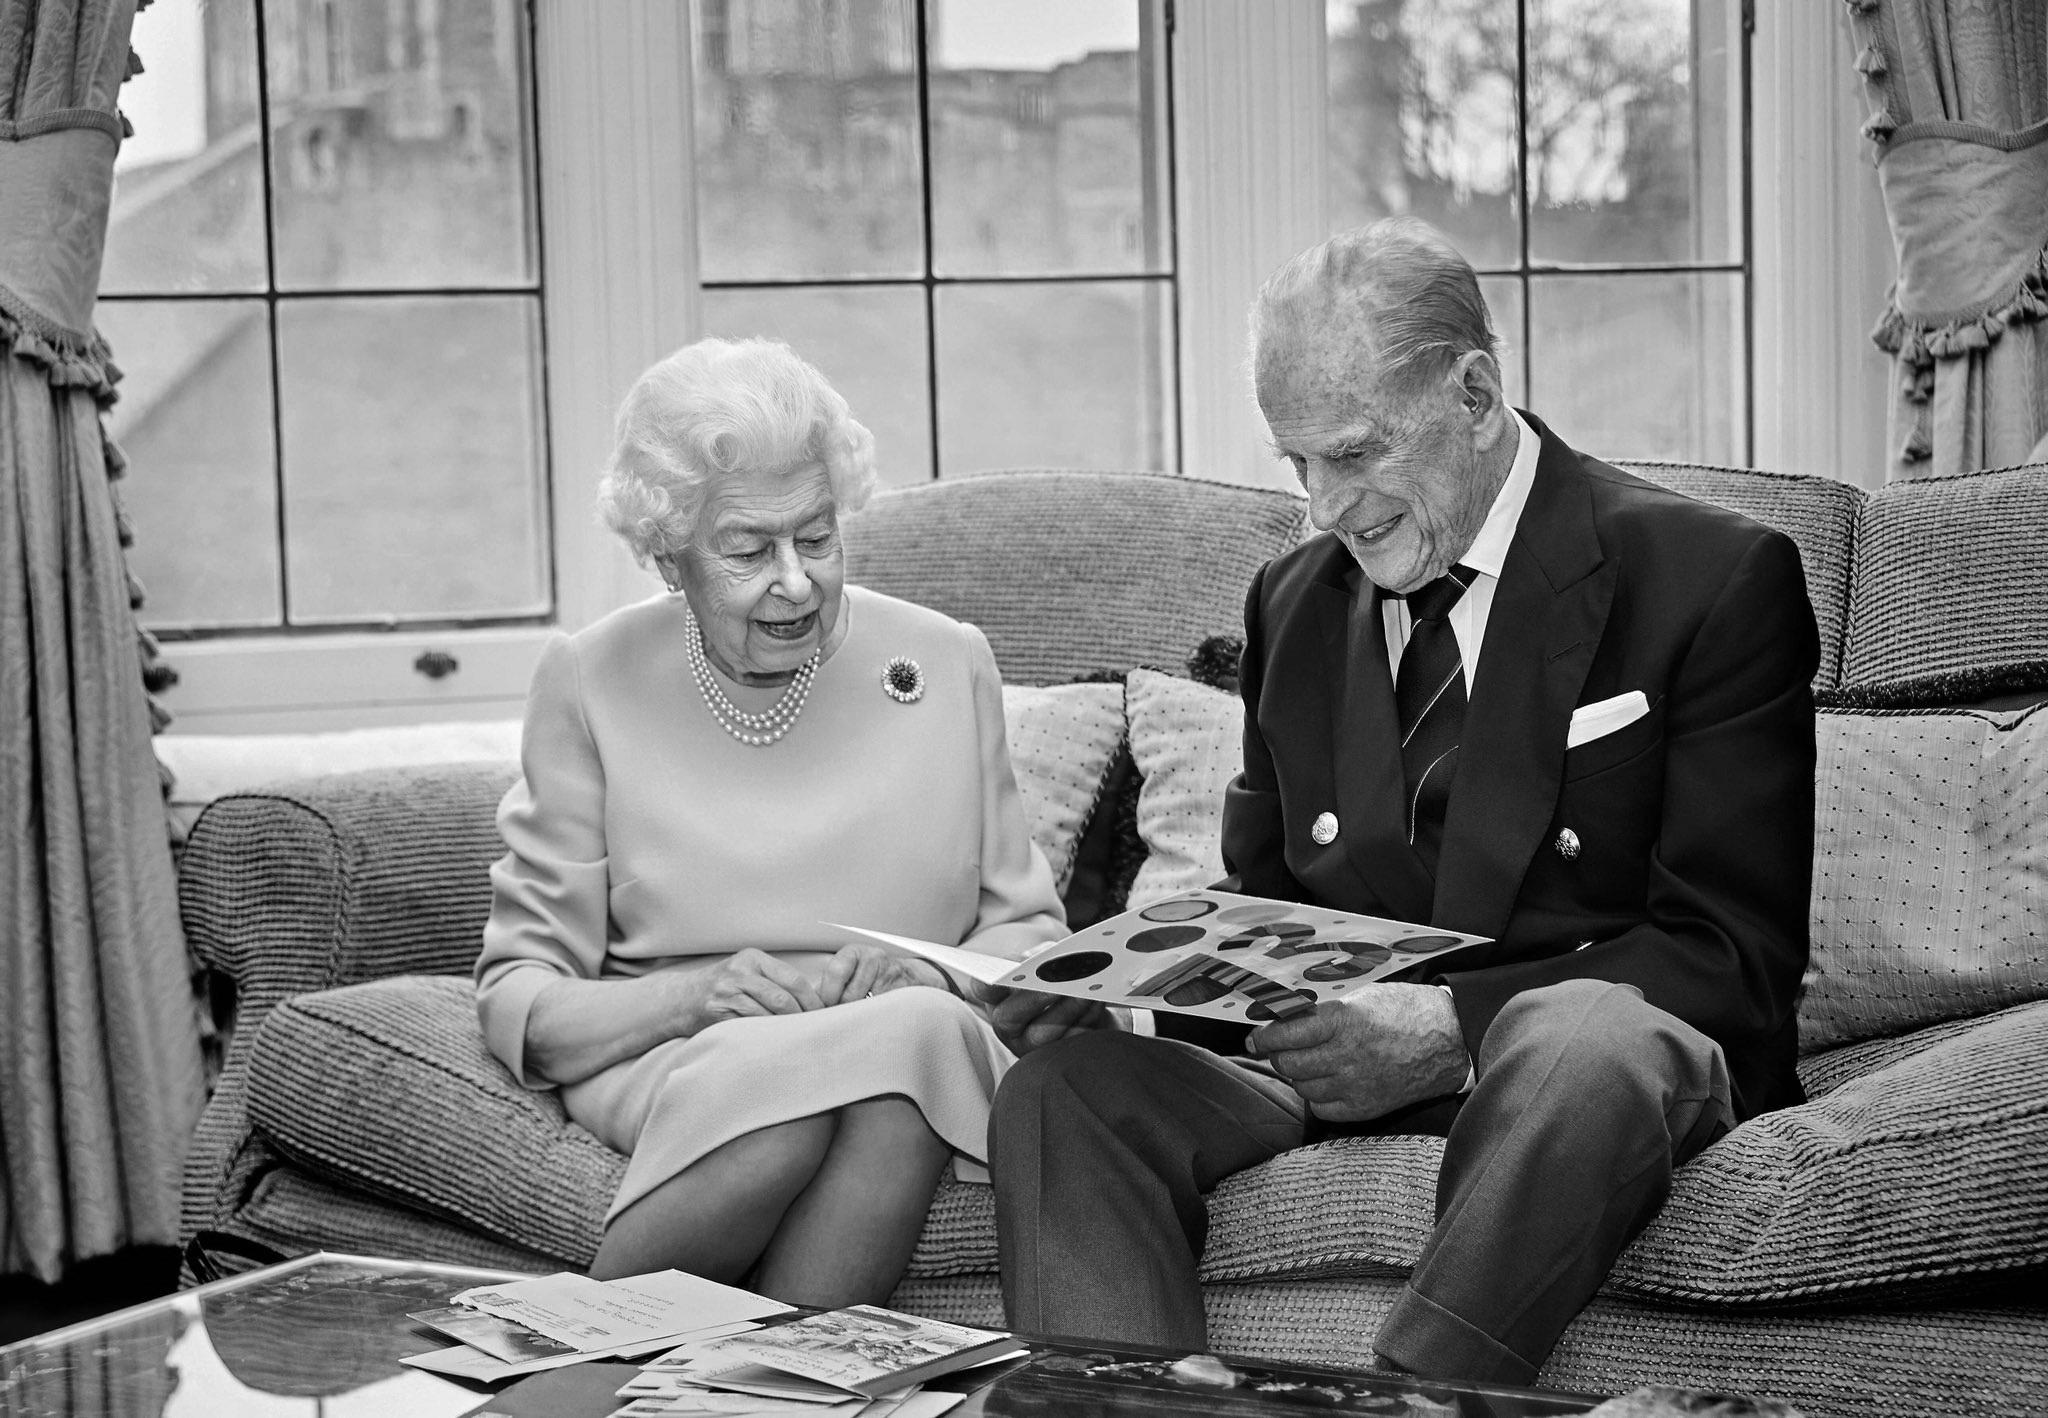 Умер принц Филипп, муж королевы Елизаветы II…